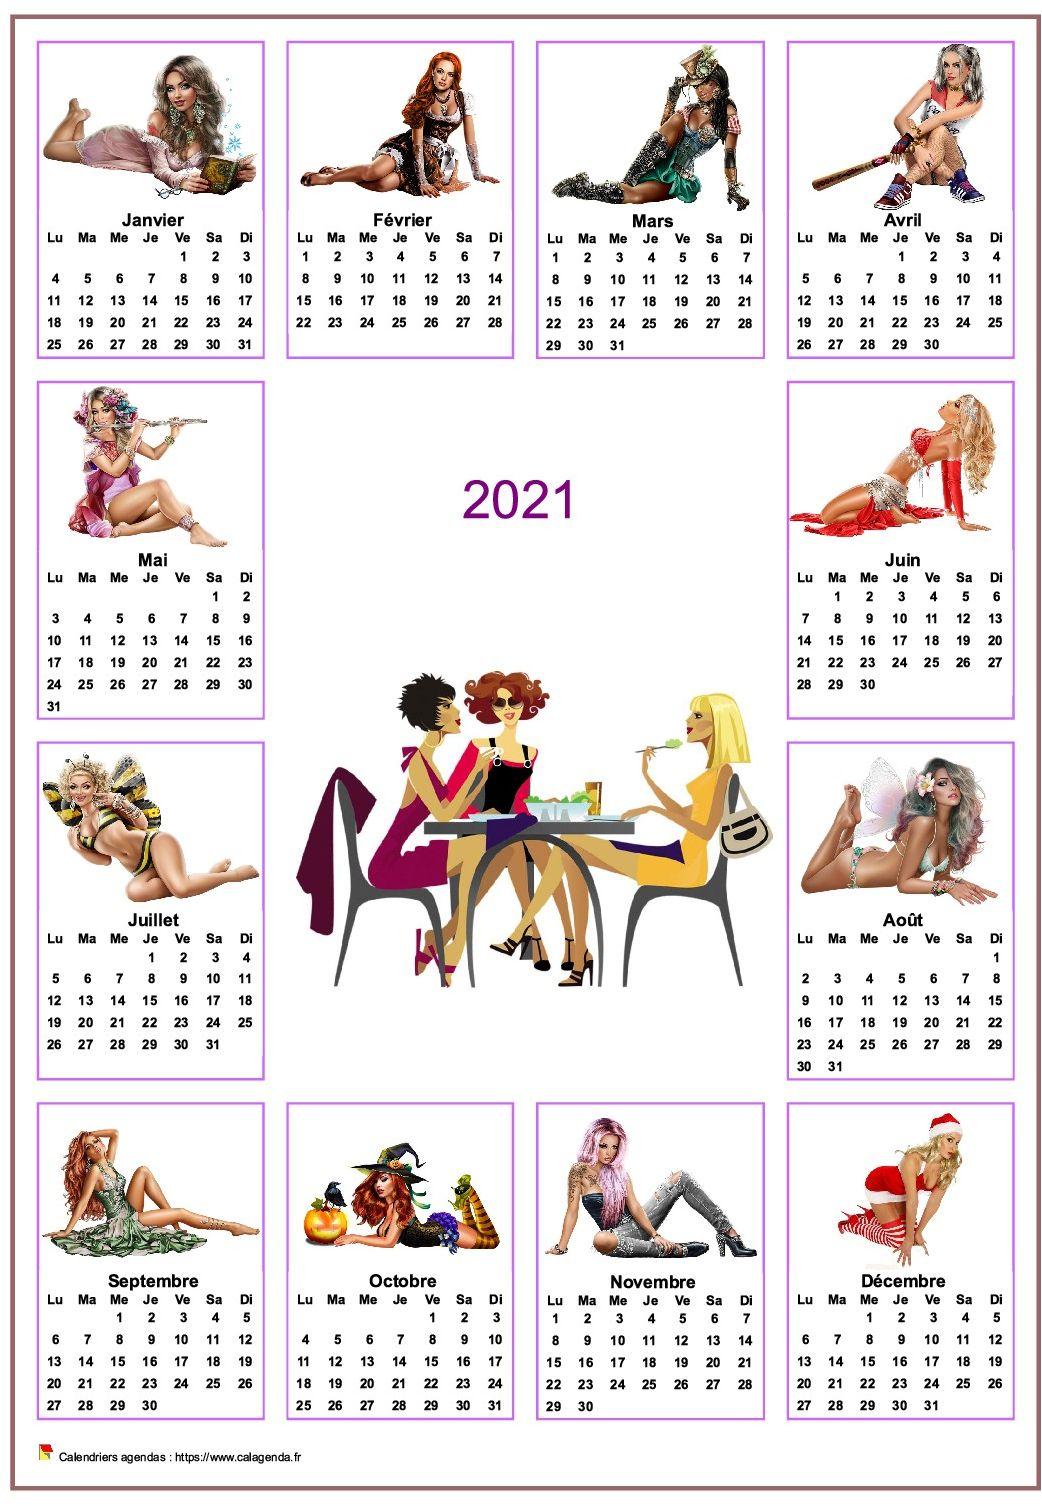 Calendrier 2021 annuel tubes femmes